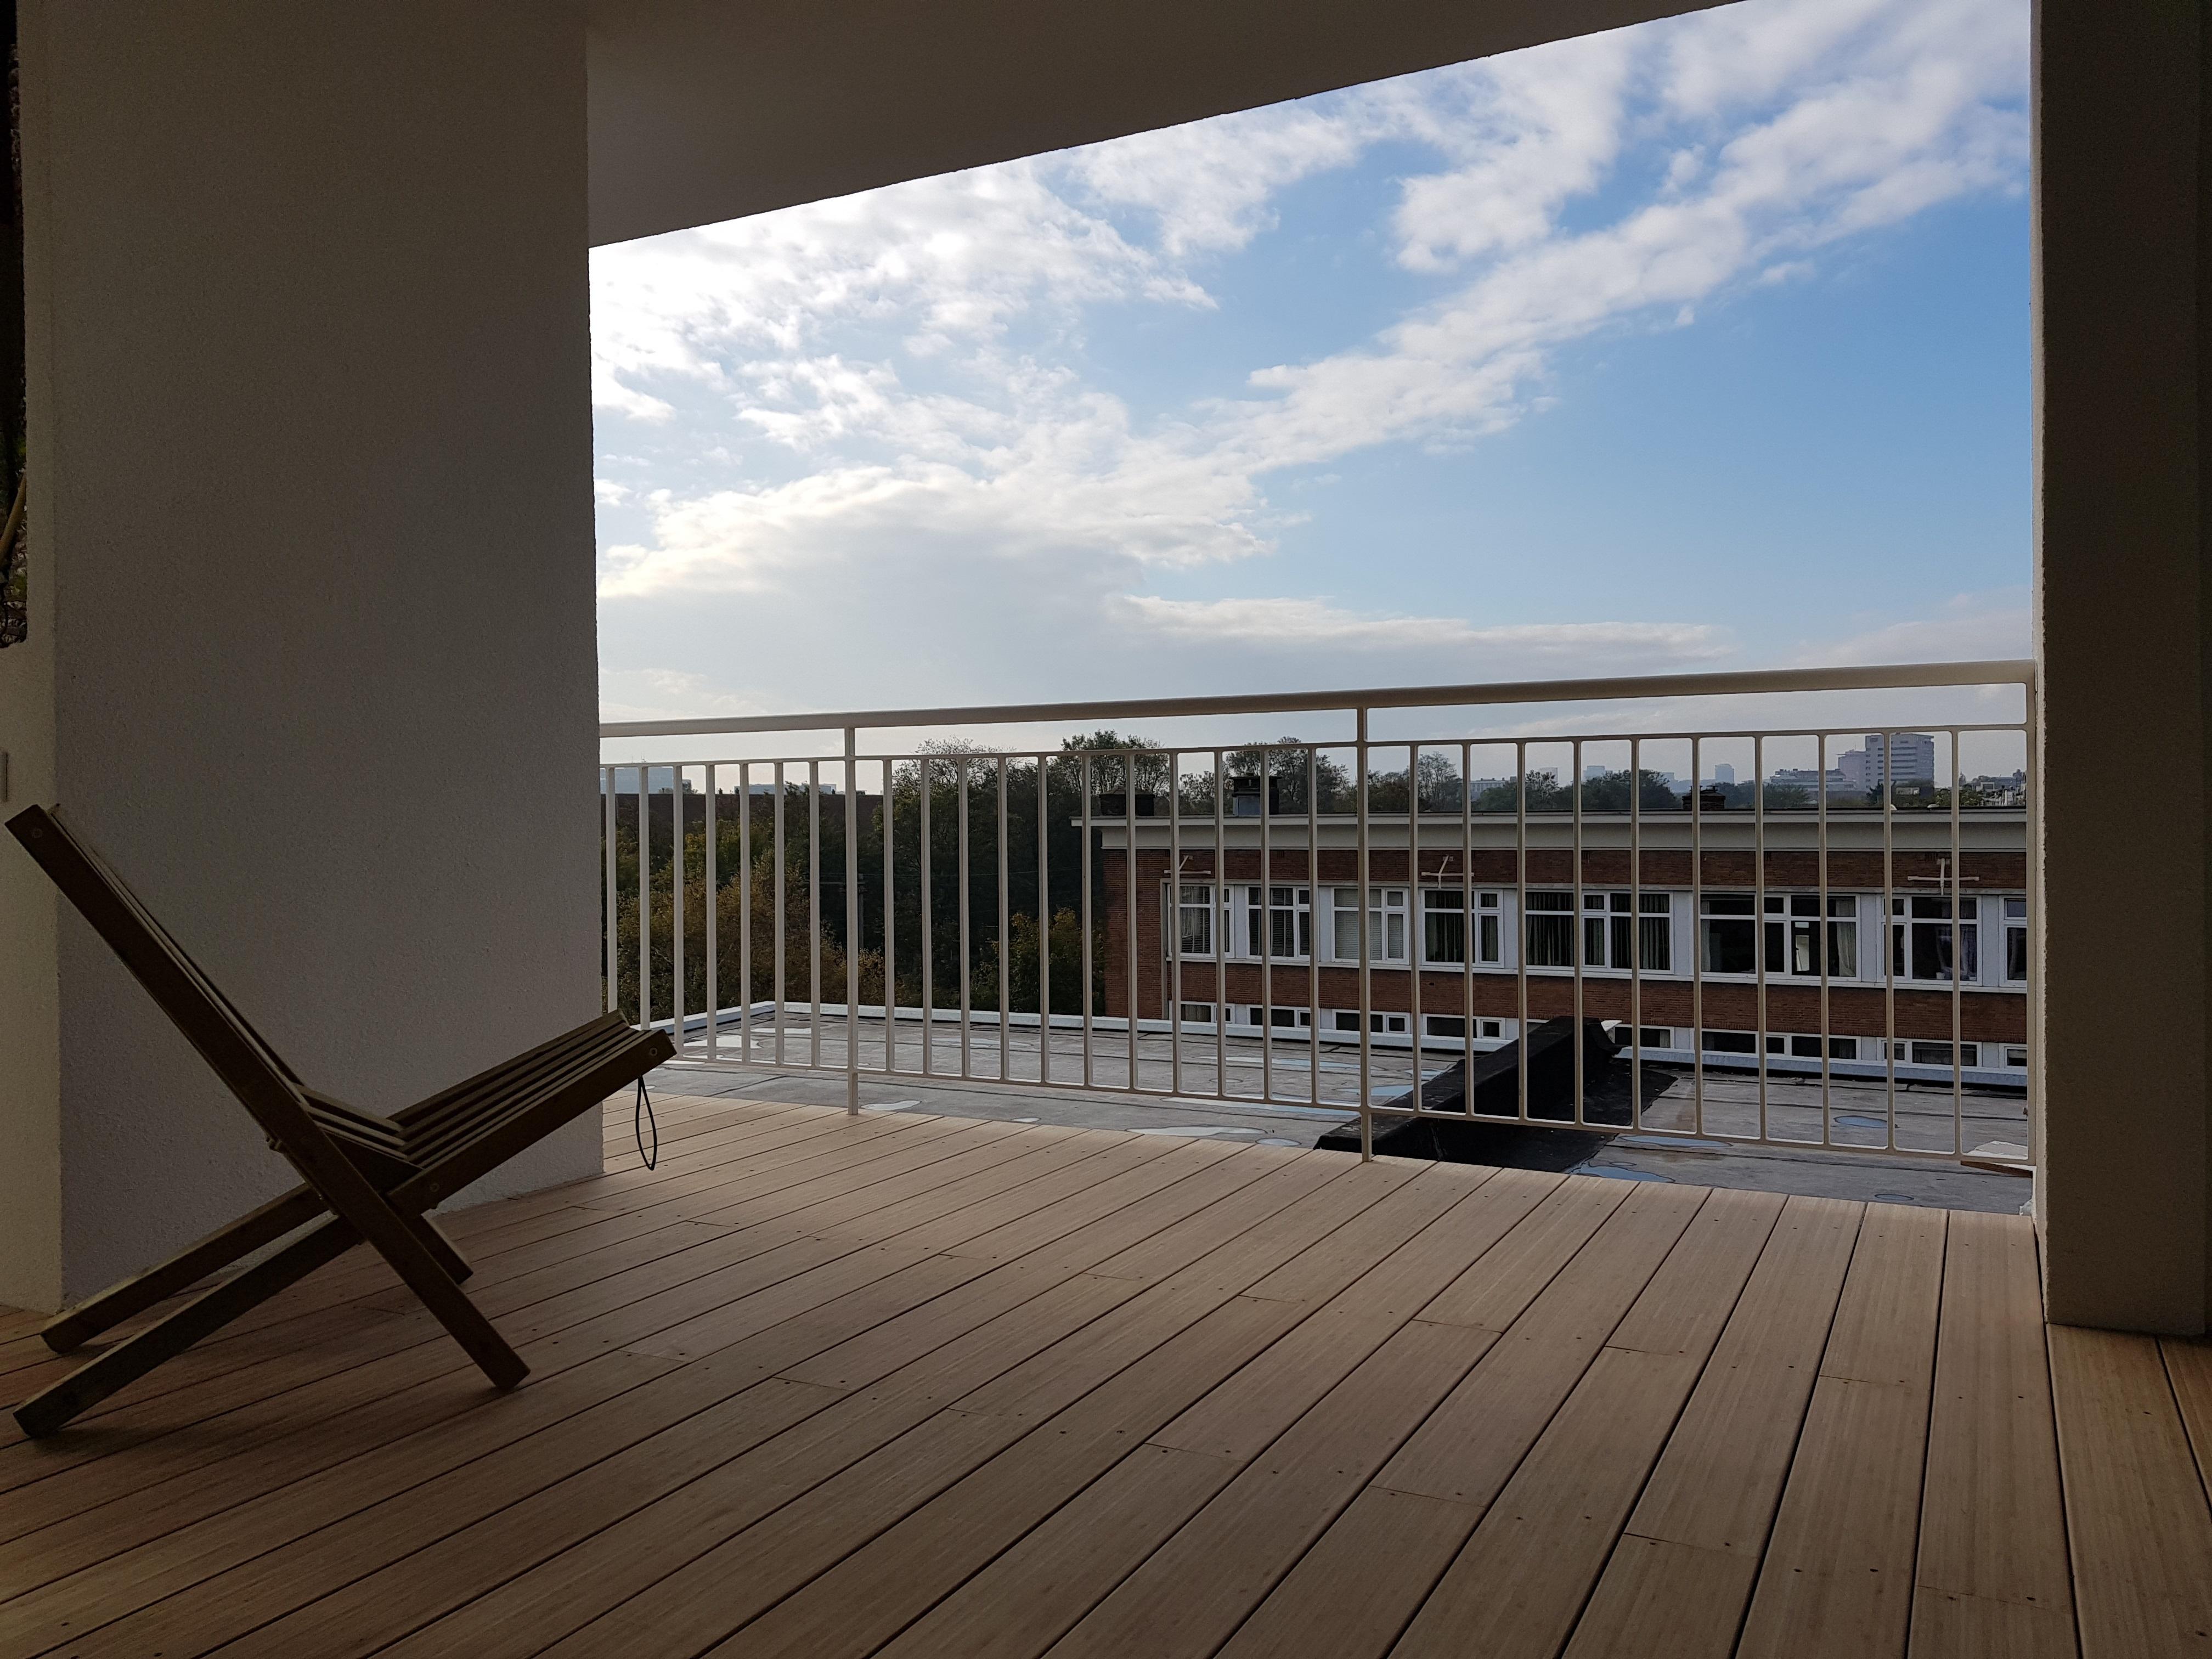 Linnaeusstraat verbouwing UFA Bouw – terras stoel achter met view